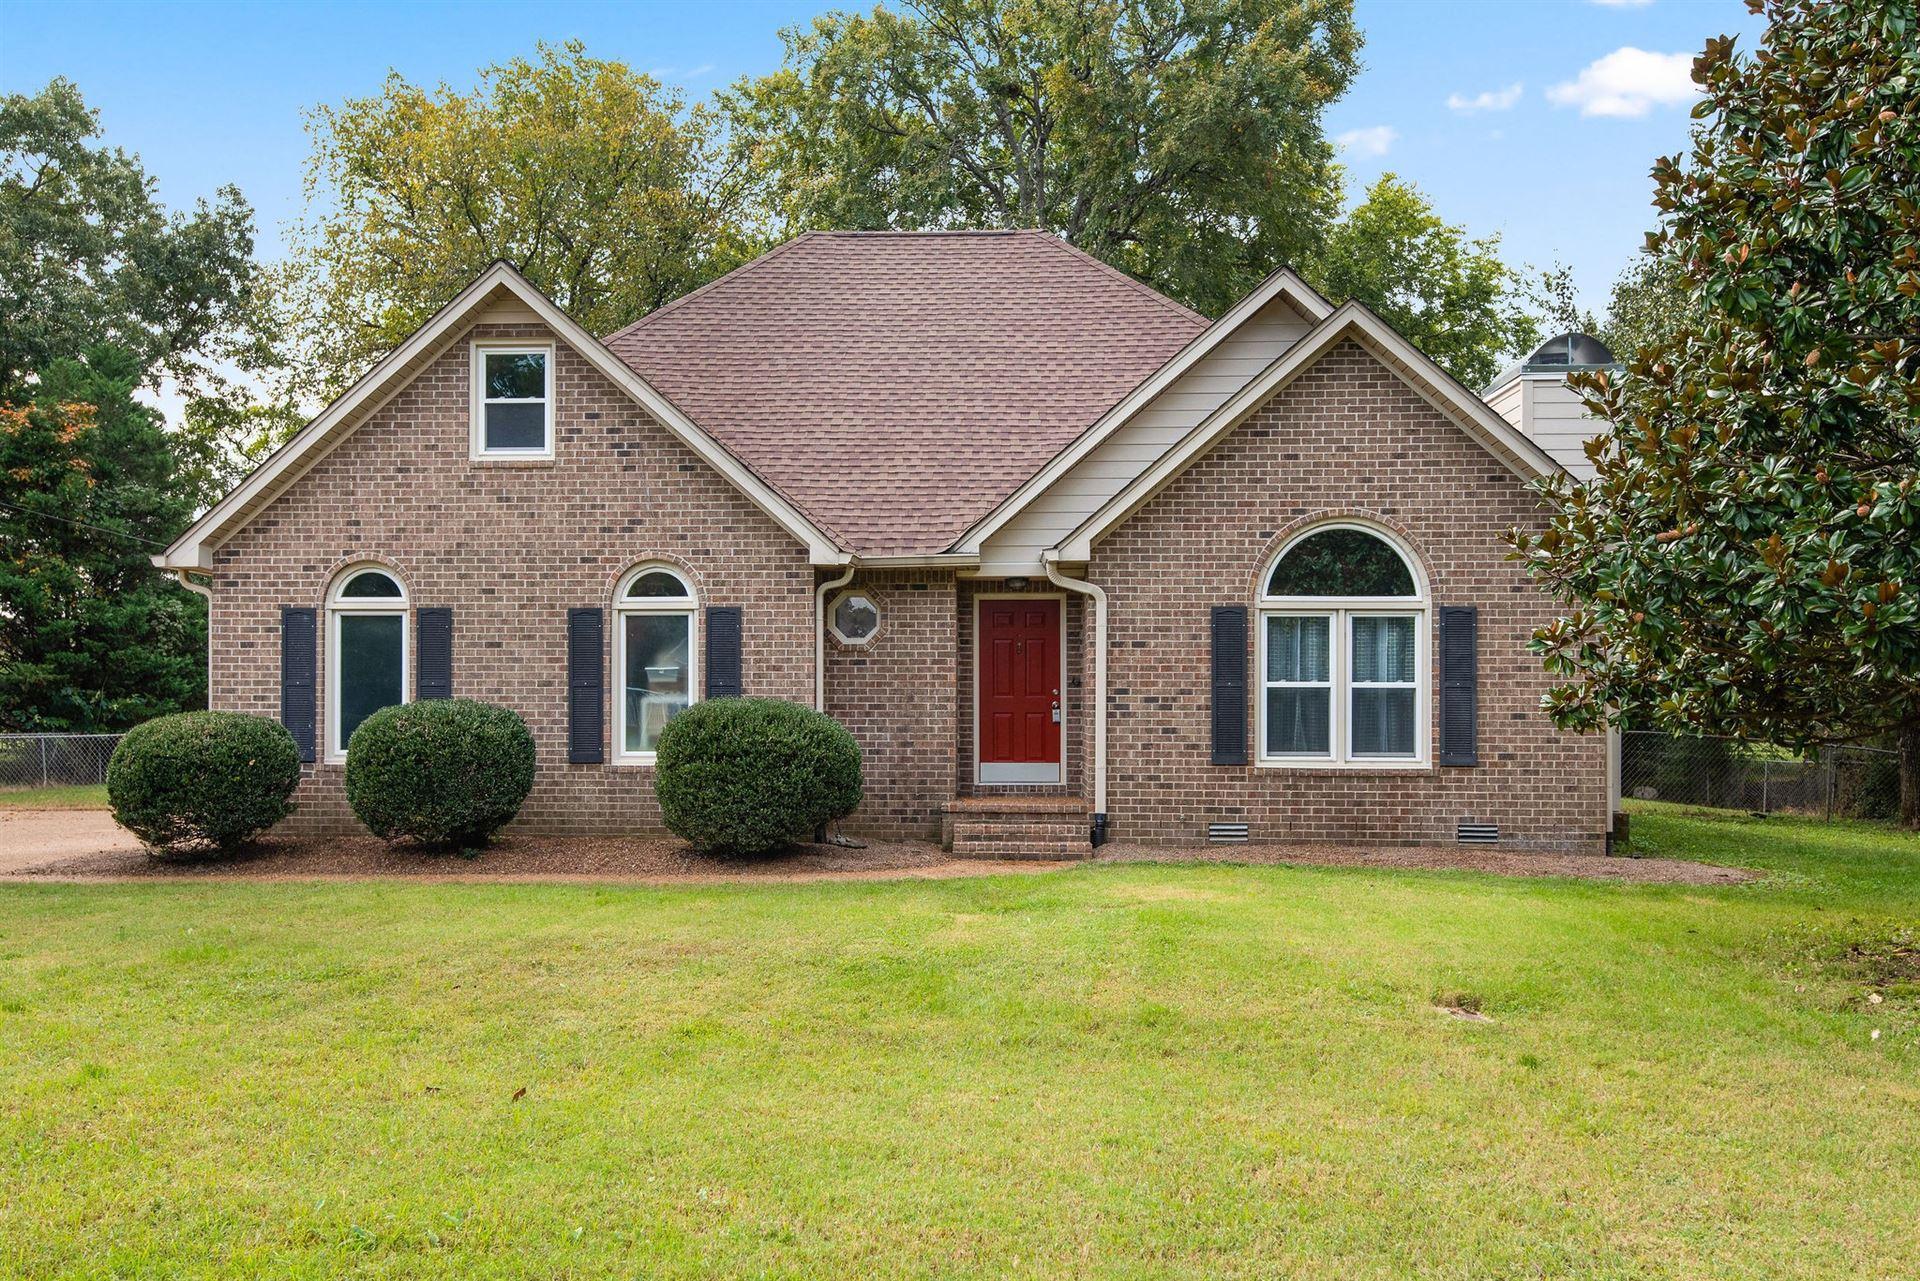 5033 Willowbend Dr, Murfreesboro, TN 37128 - MLS#: 2296414